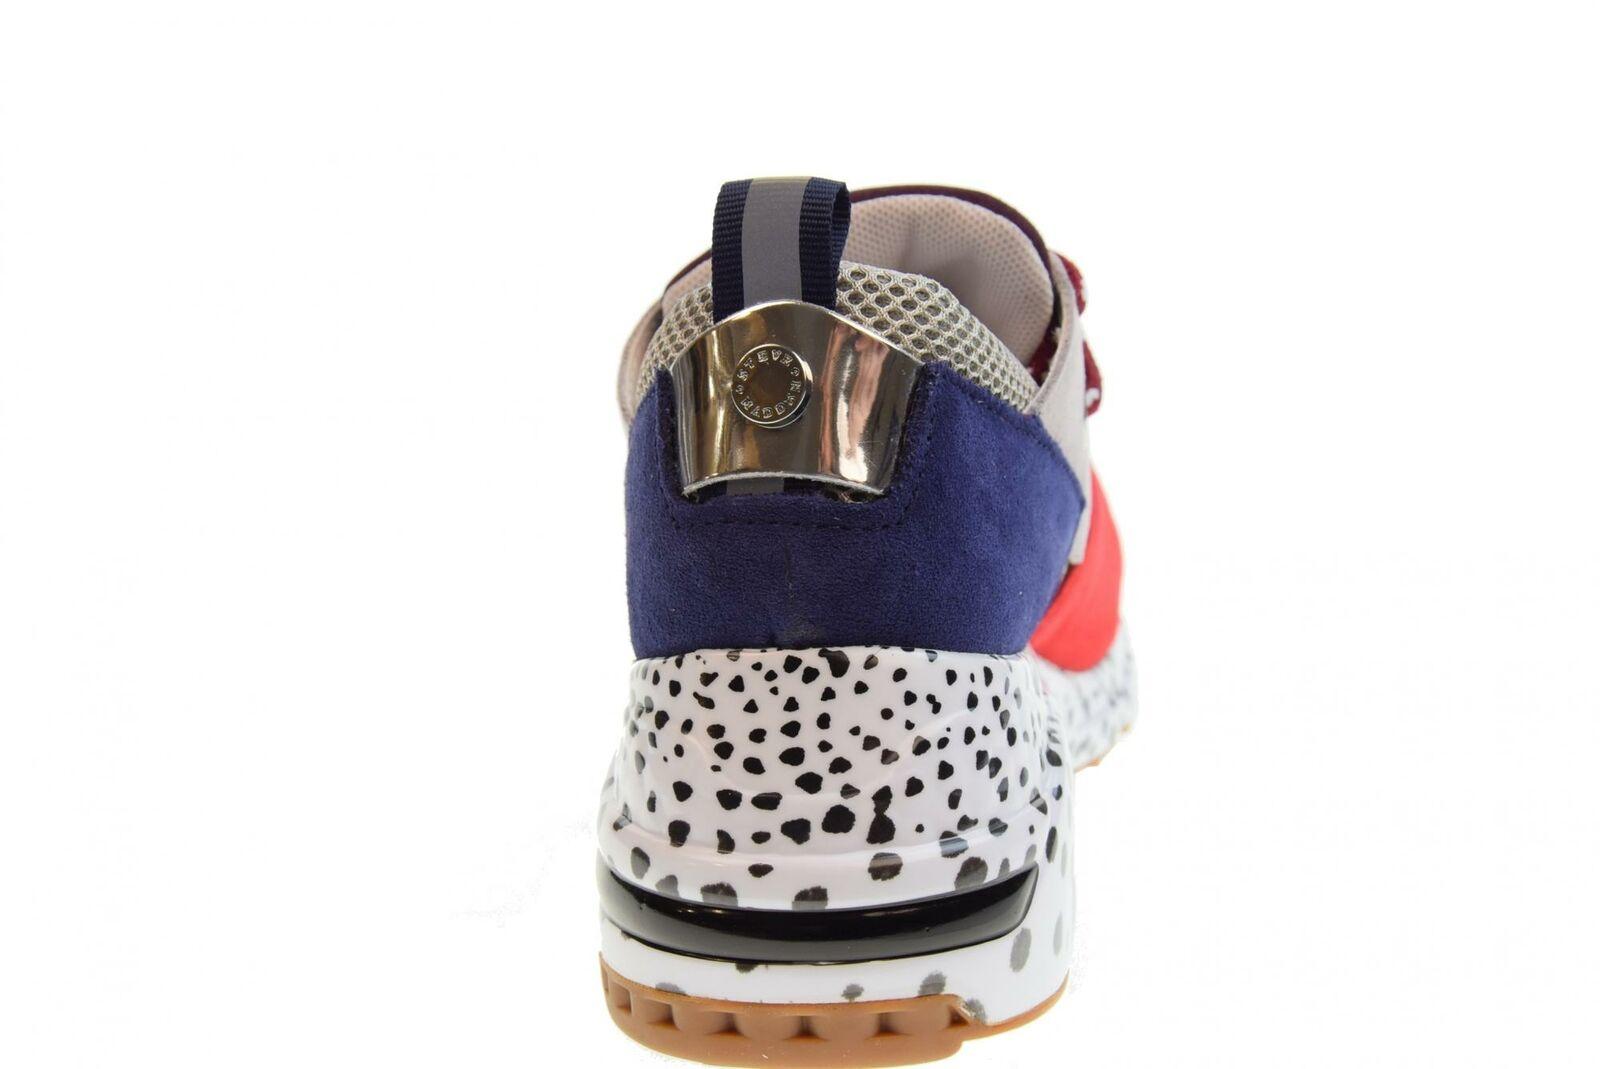 Steve Madden P19f shoes shoes shoes femme sneakers CLIFF BURG MULTI c422d6